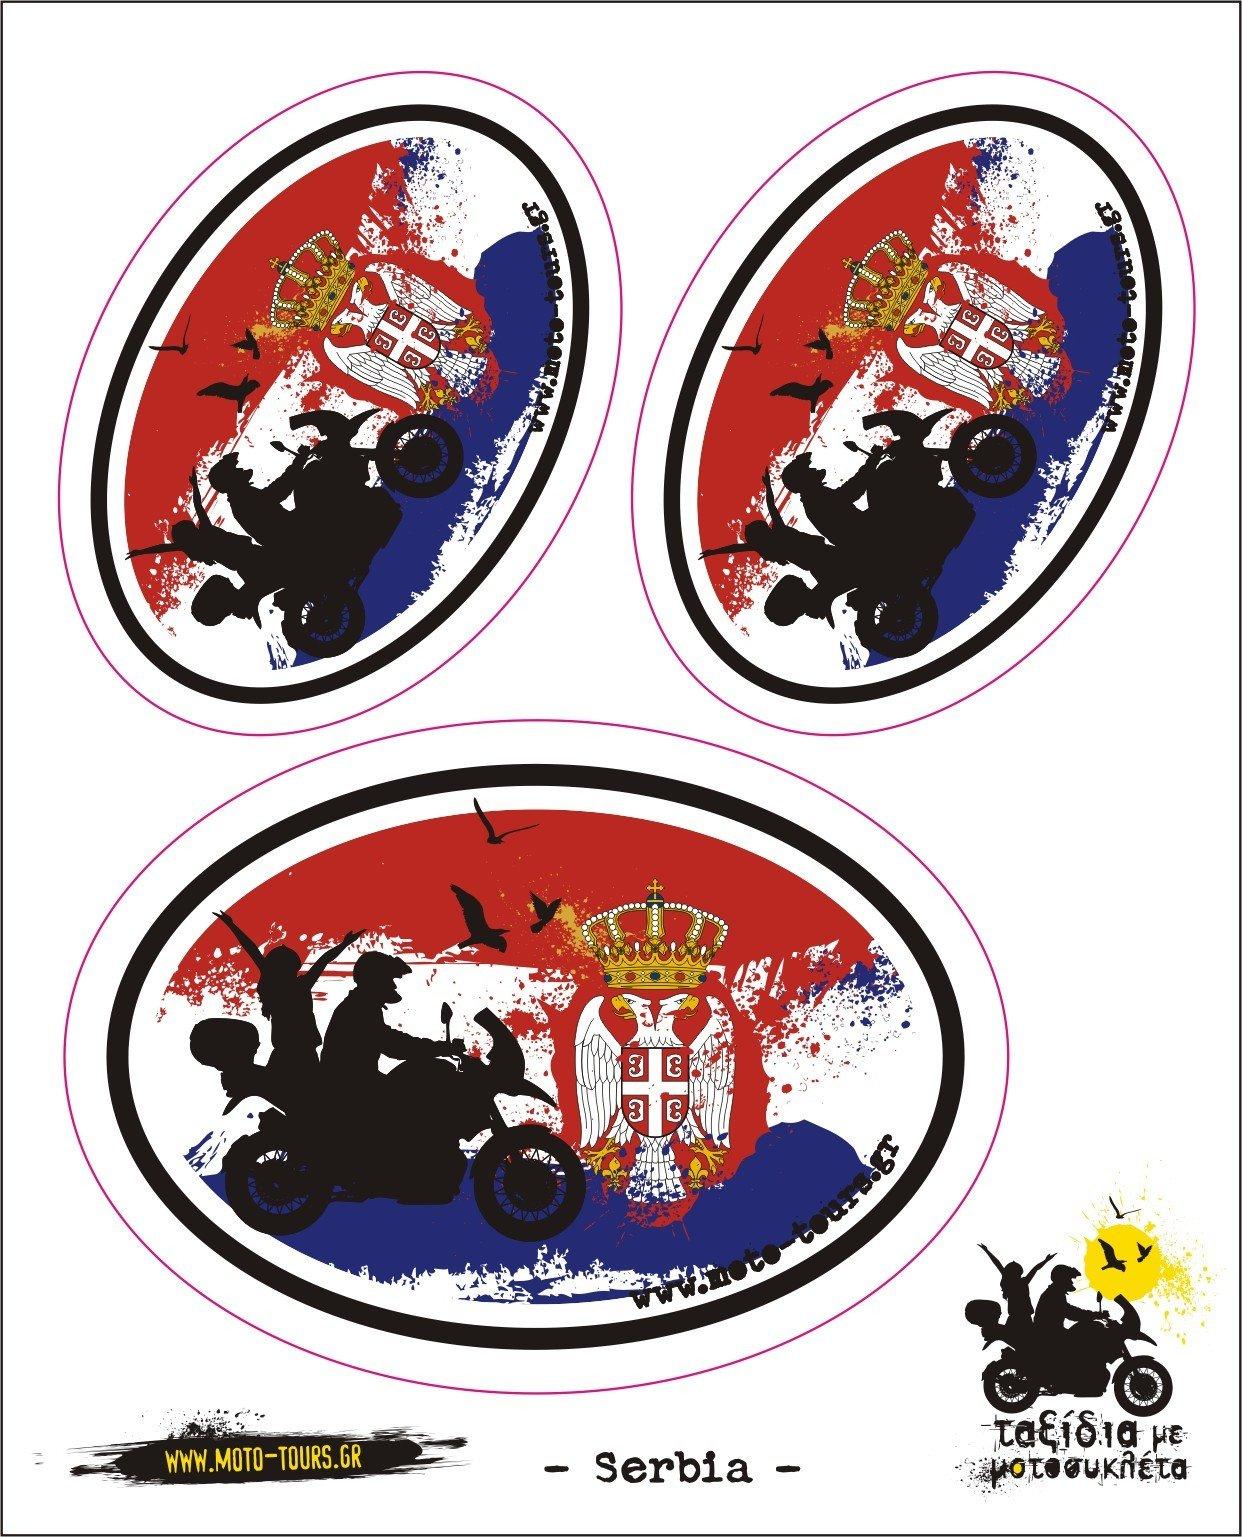 Σετ αυτοκόλλητα Σερβία ST-F13